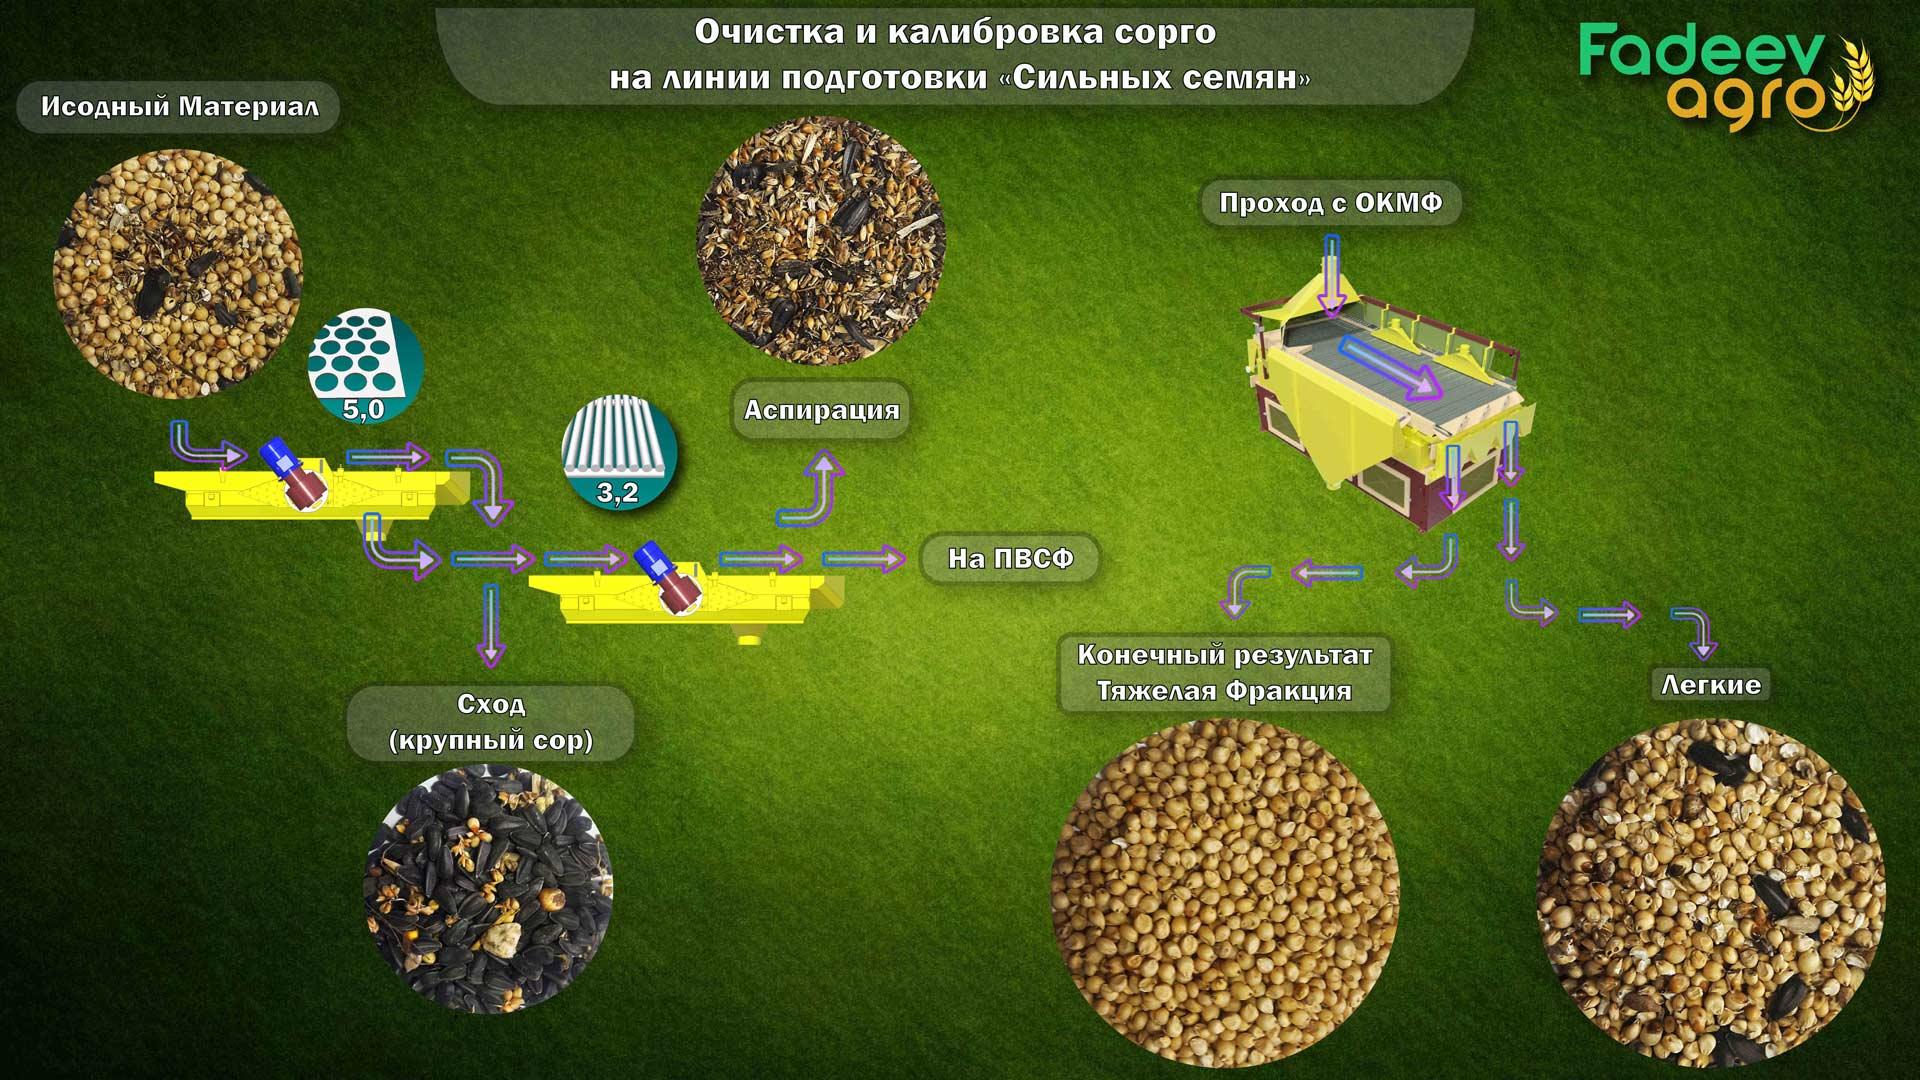 Схема очистки сорго